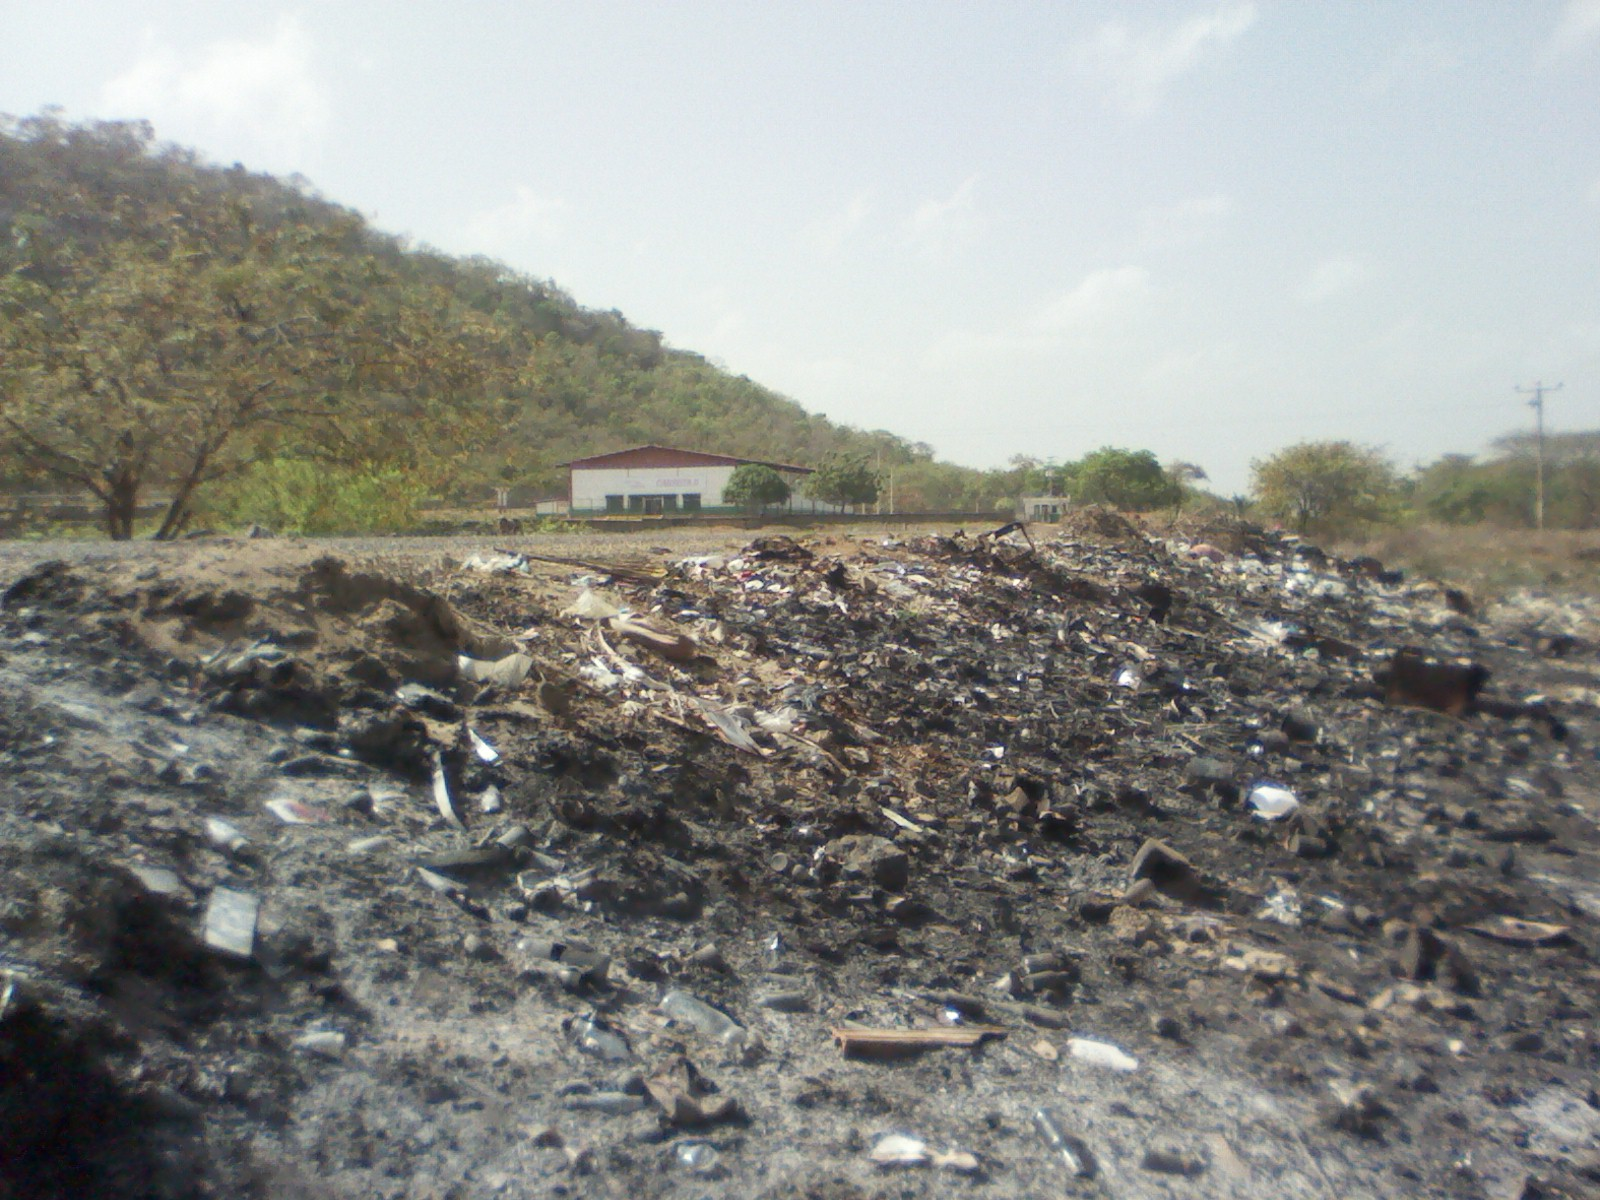 La entrada hacia Cabruta lleva muchos años siendo un vertedero de basura y a pesar de que bajaron los recursos para ser mudado a otro lugar.